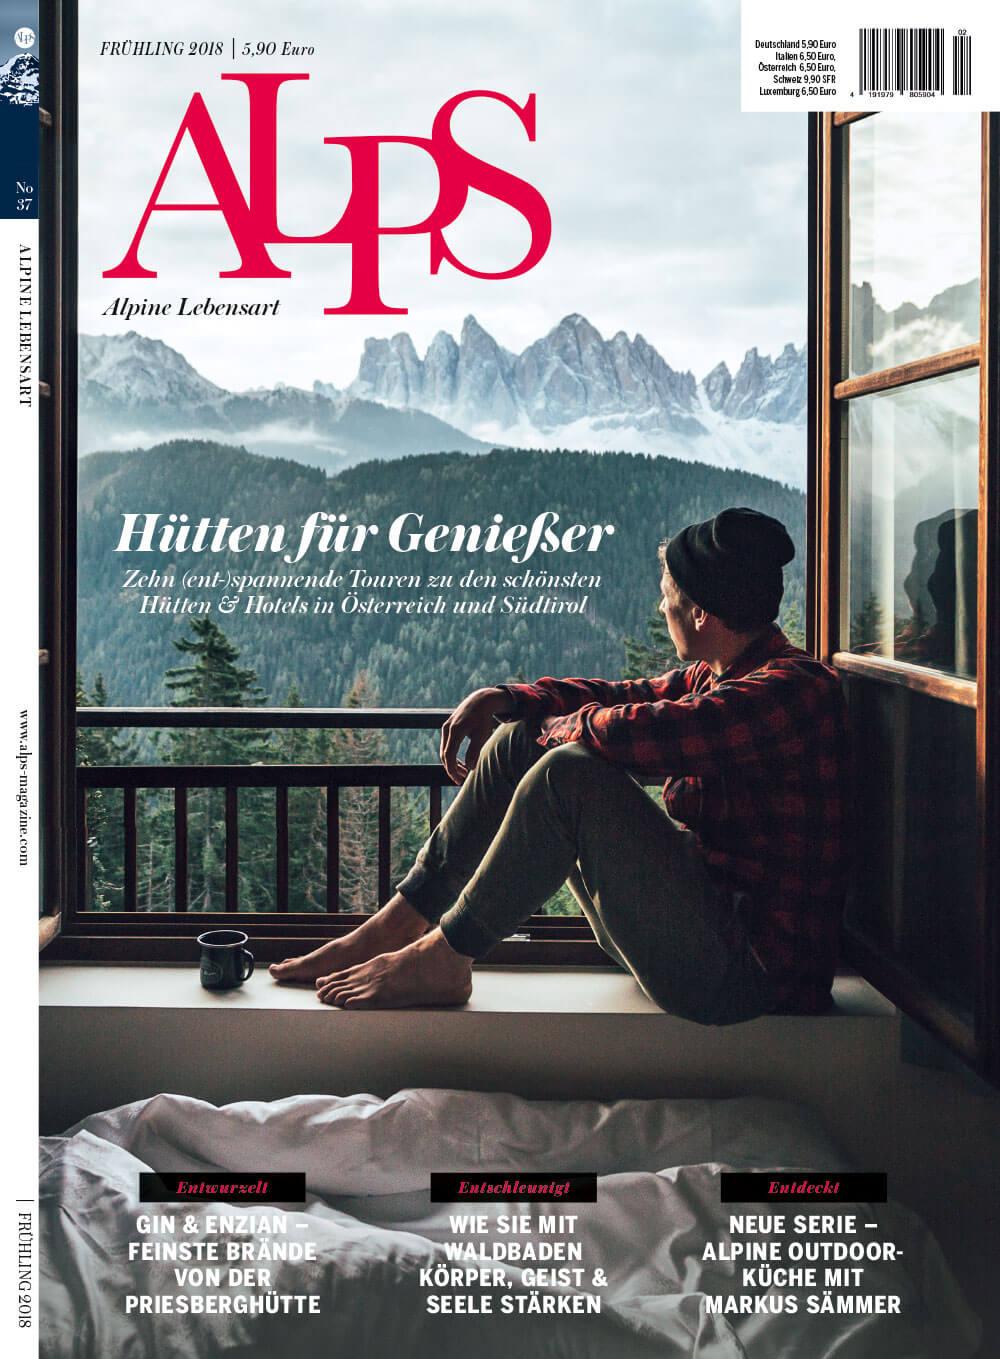 Alps Cover #37 Frühjahr 2017